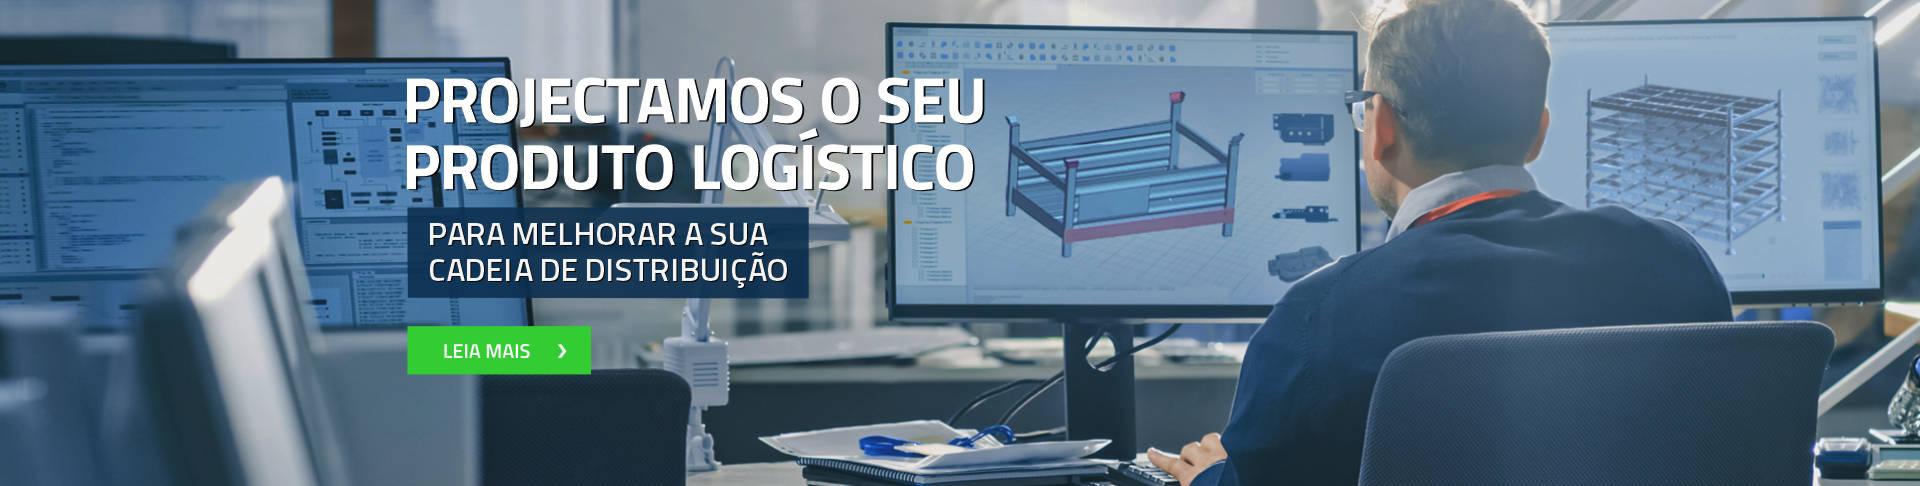 Projectamos o seu produto logístico para melhorar a sua cadeia de distribuição